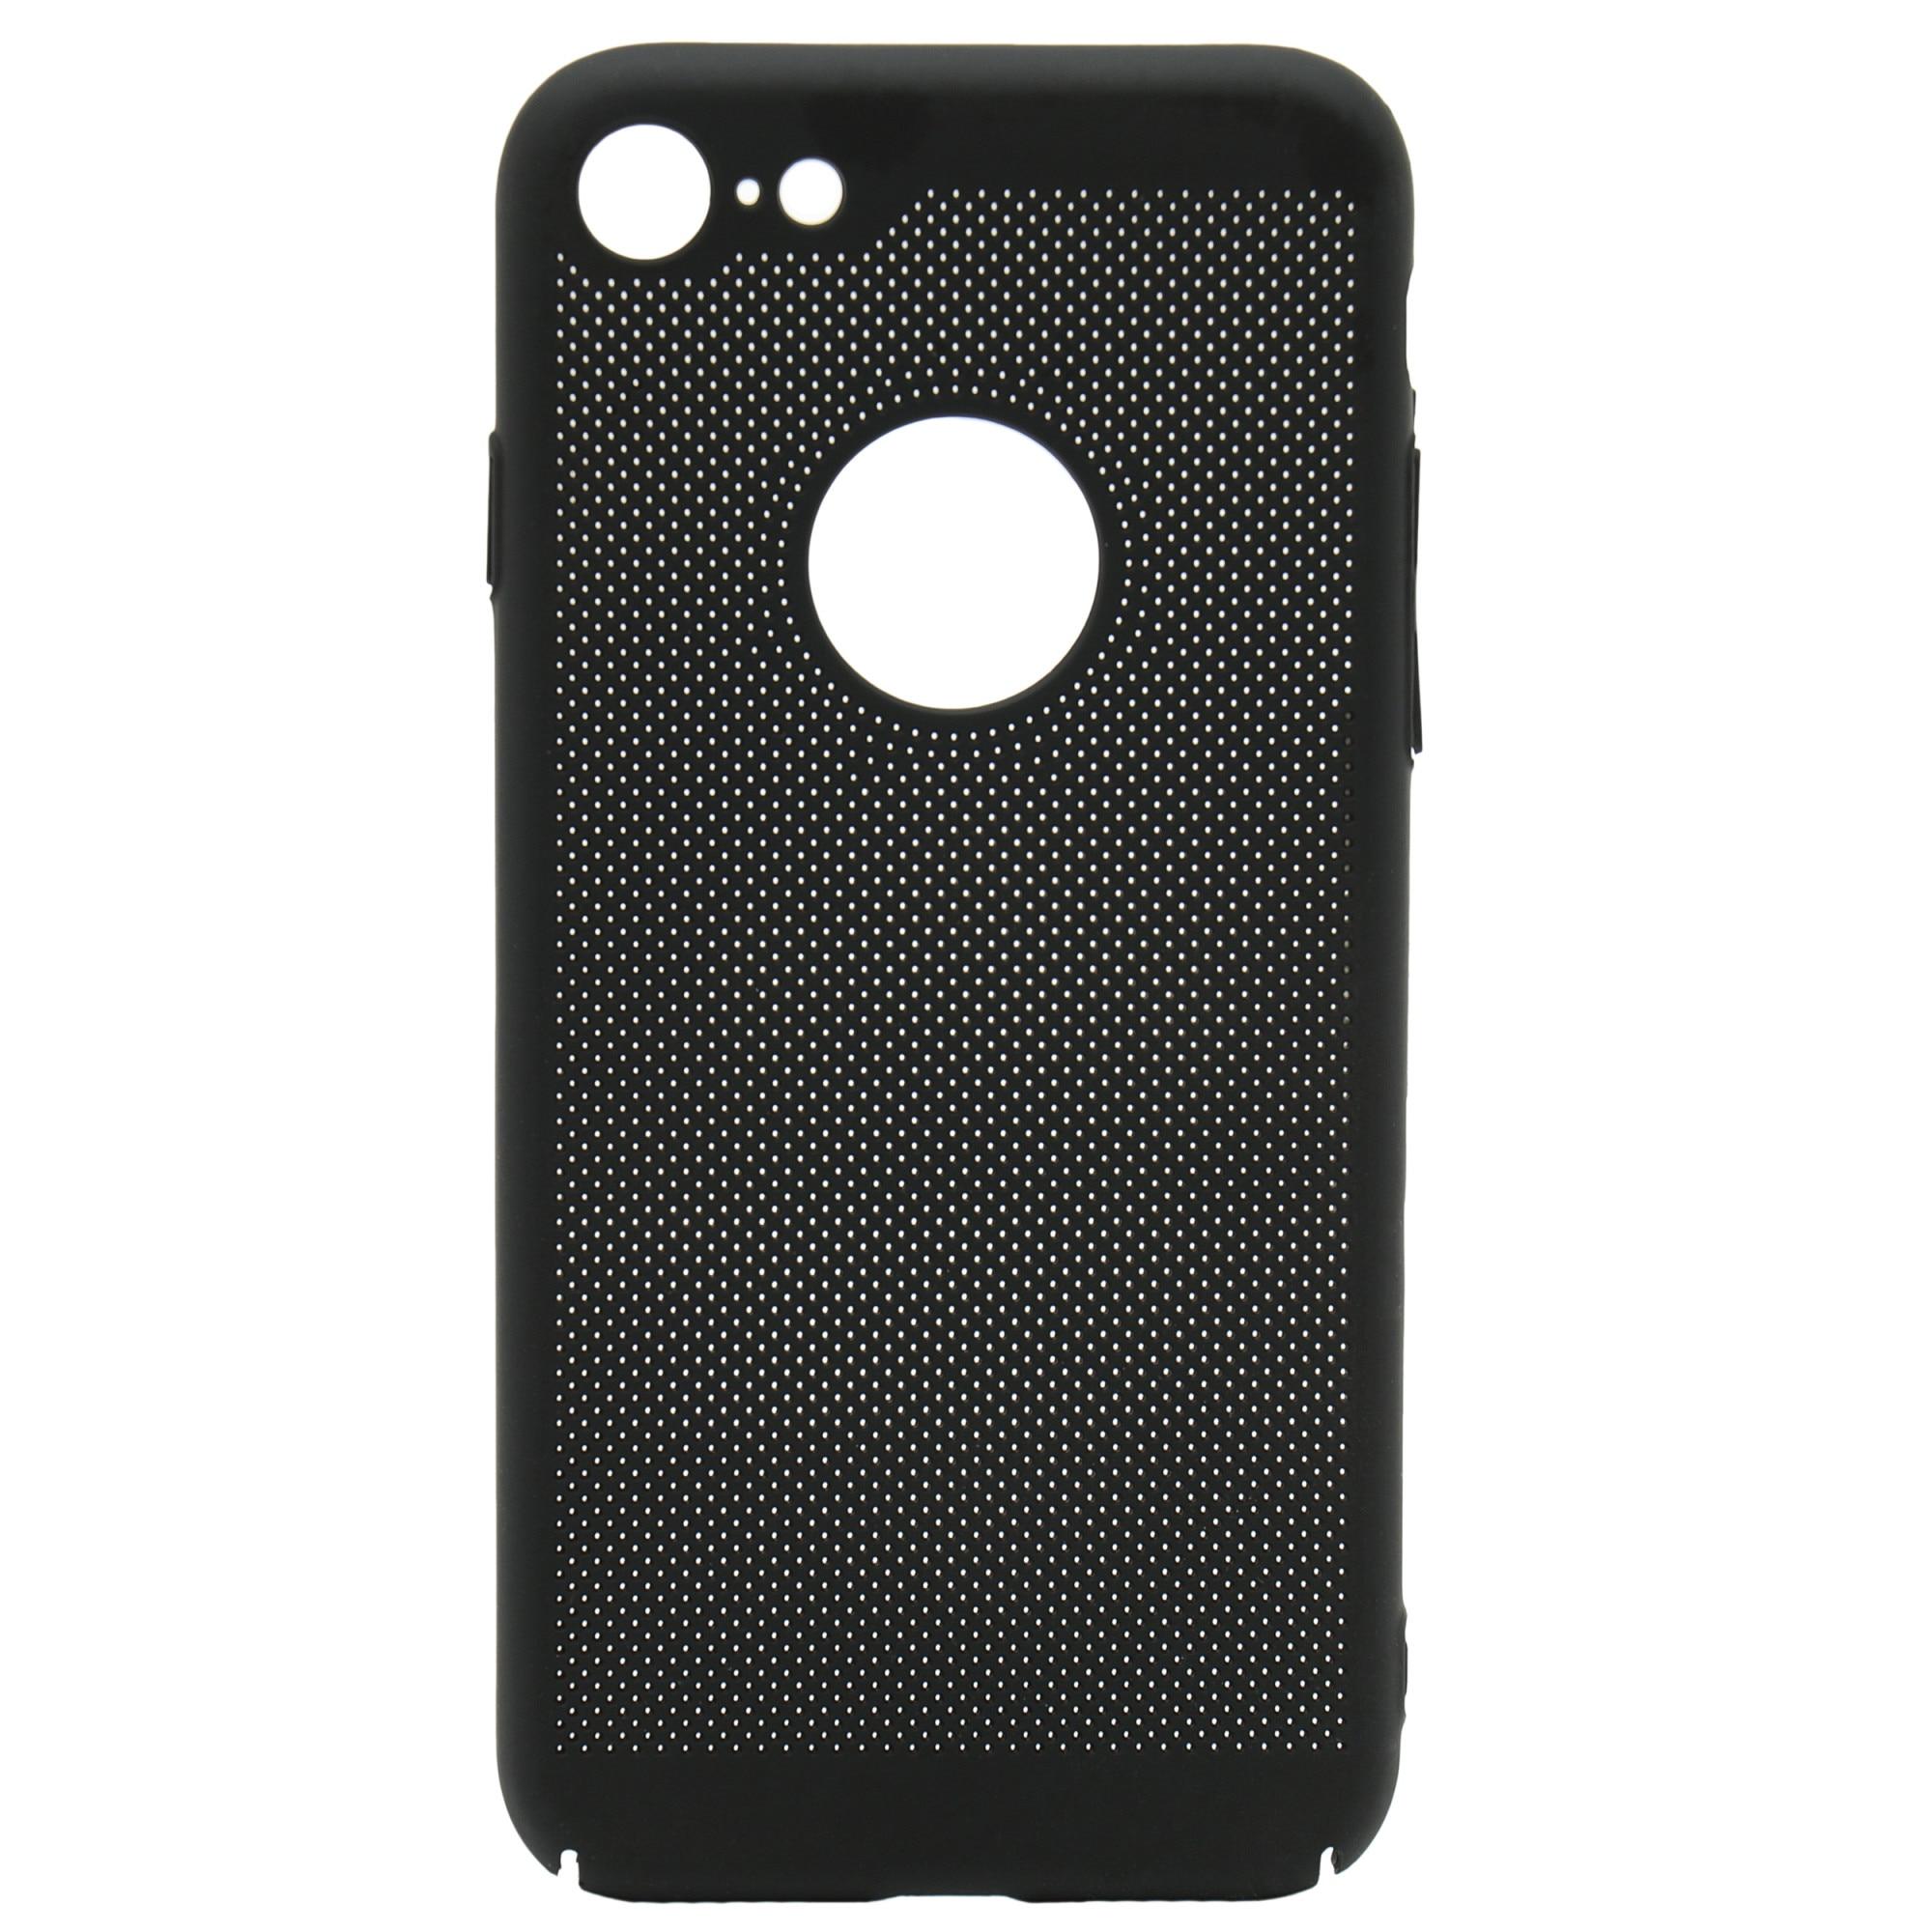 Fotografie Husa de protectie A+, Rubber pentru iPhone 8, Negru